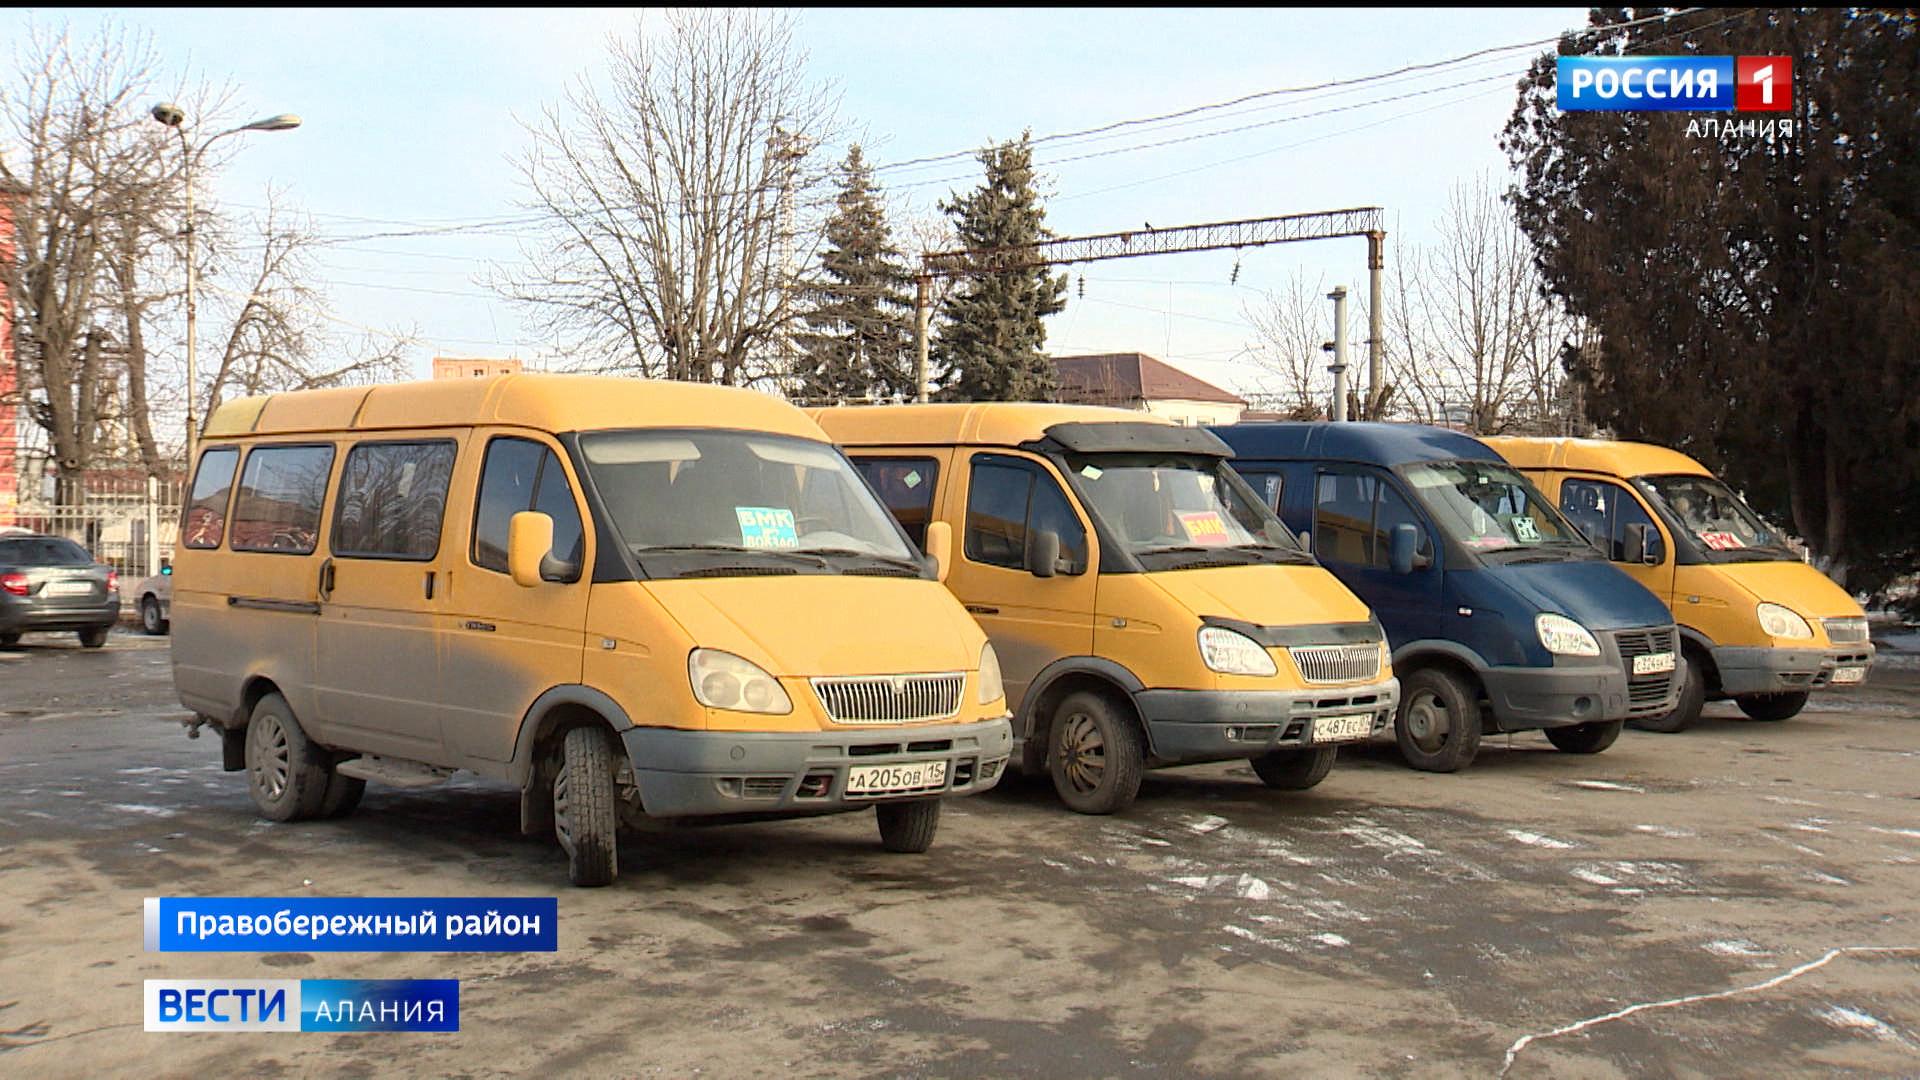 Проблему доступности транспорта в Правобережном районе планируют решить в течение недели